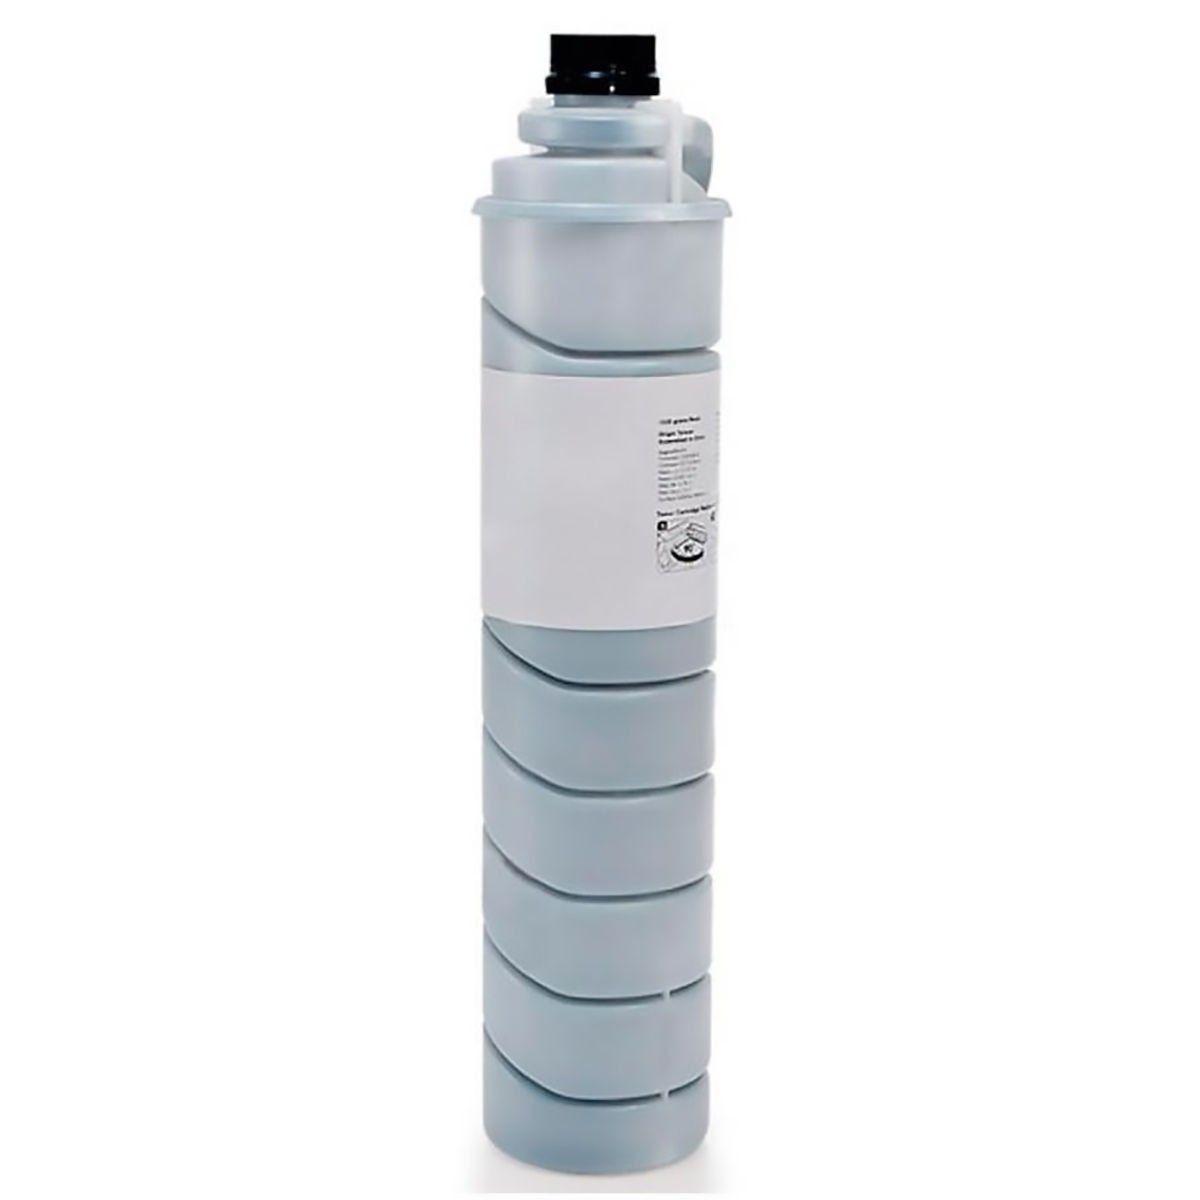 Compatível: Toner 6110D 6210D para Ricoh 1060 1070 1075 2060 2075 MP5500 MP6000 MP6500 MP7000 MP8000 / Preto / 43.000